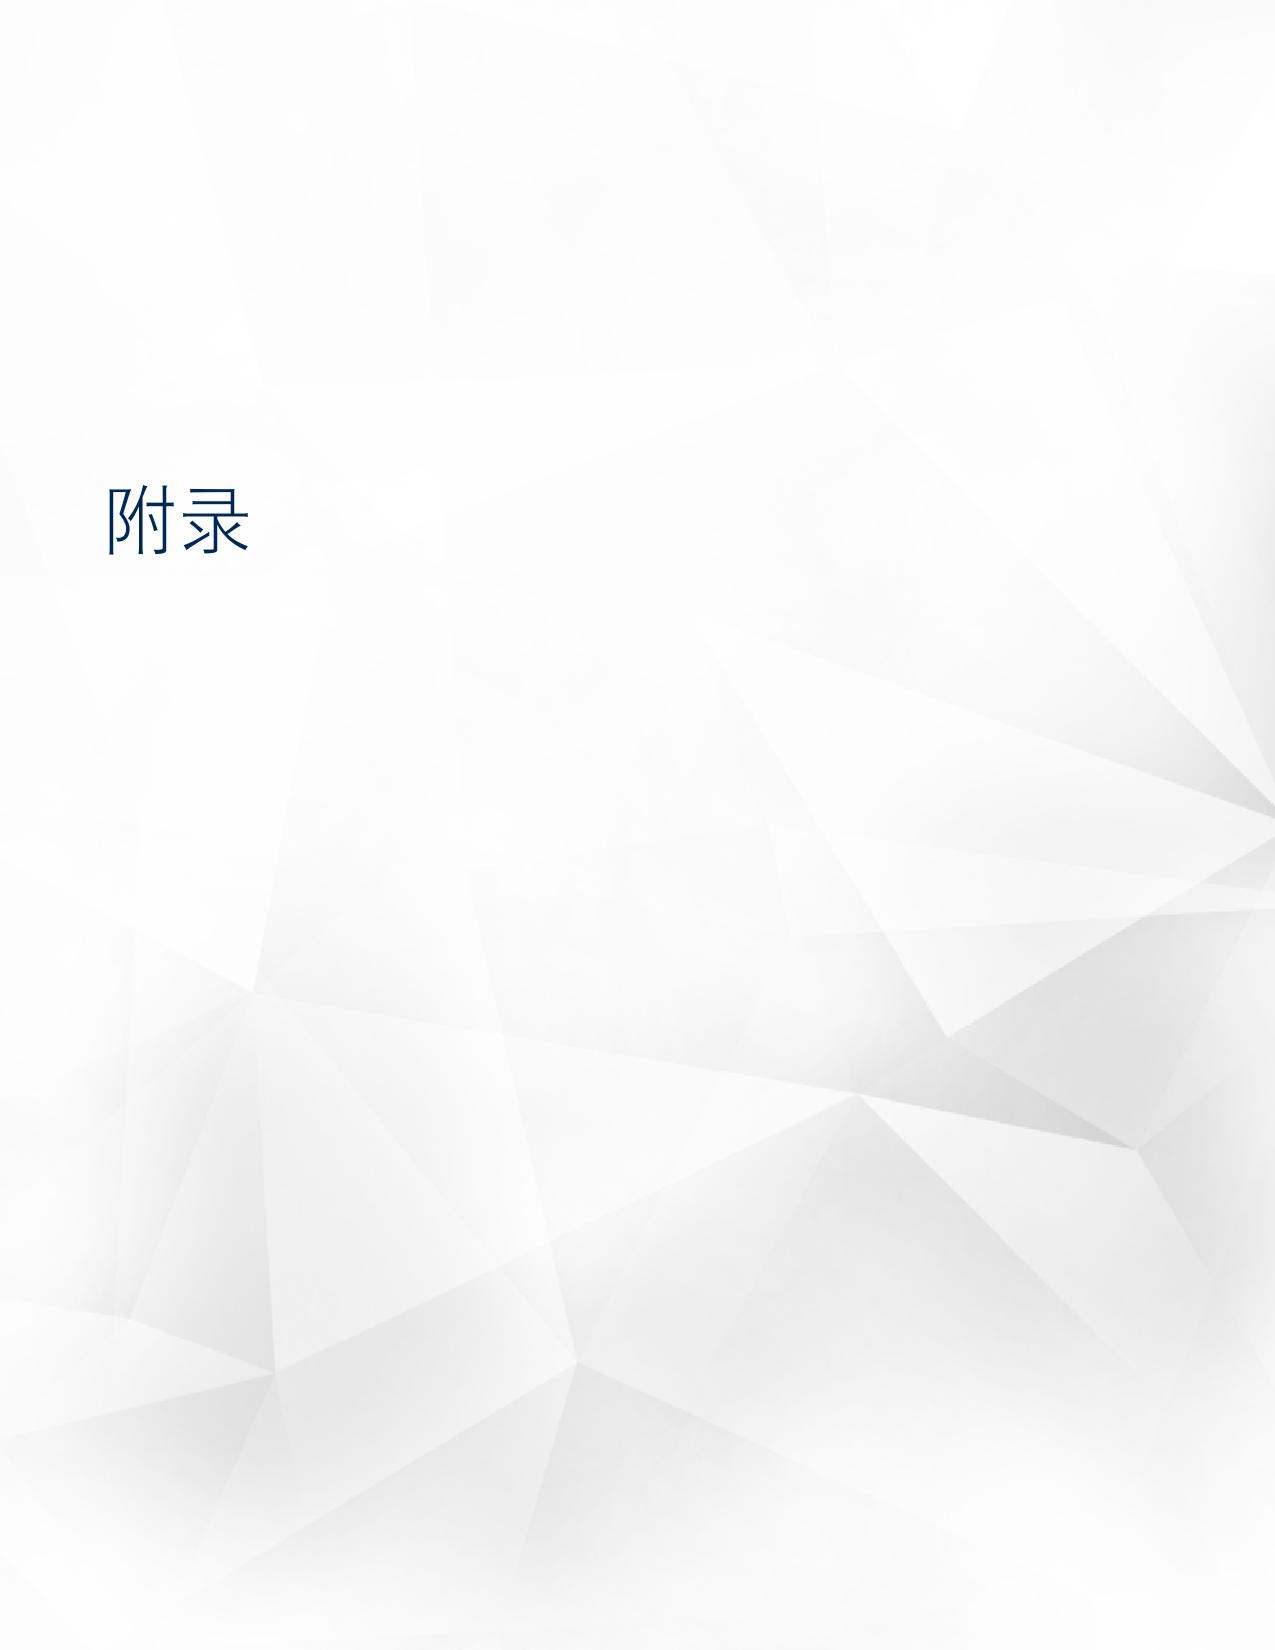 2016年中网络安全报告_000068